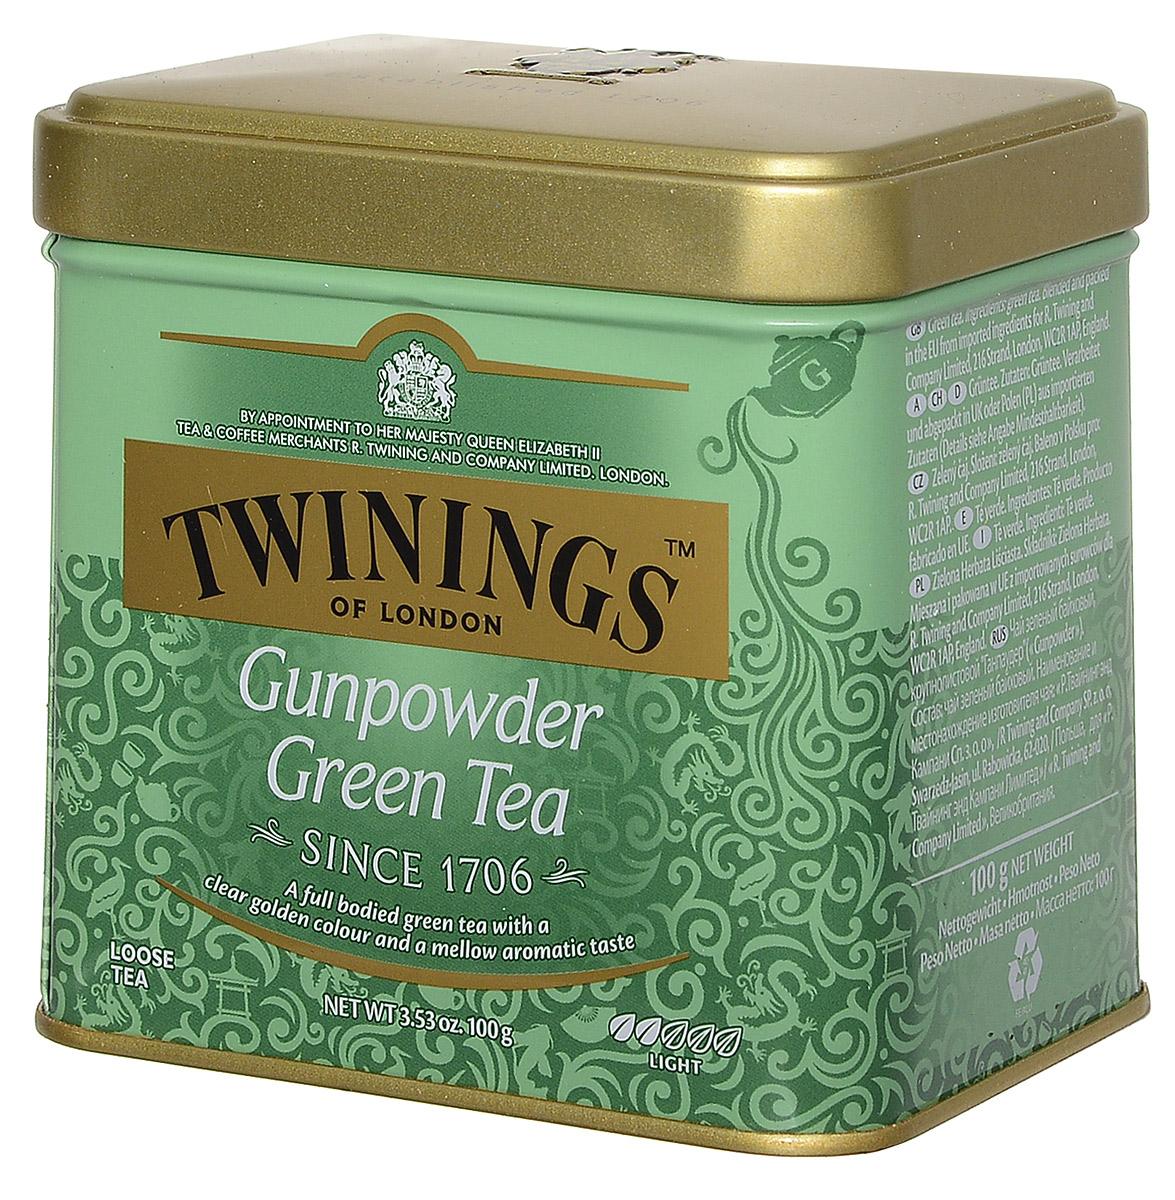 Twinings Gunpowder Green зеленый листовой чай, 100 г (ж/б)070177029784Twinings Gunpowder Green – крупнолистовой зеленый чай Ганпаудер, скрученный в форме пороха, имеет вид мелкой дроби или картечи. При заваривании получается душистый прозрачный напиток светло-золотистого цвета с мягким бархатистым вкусом.